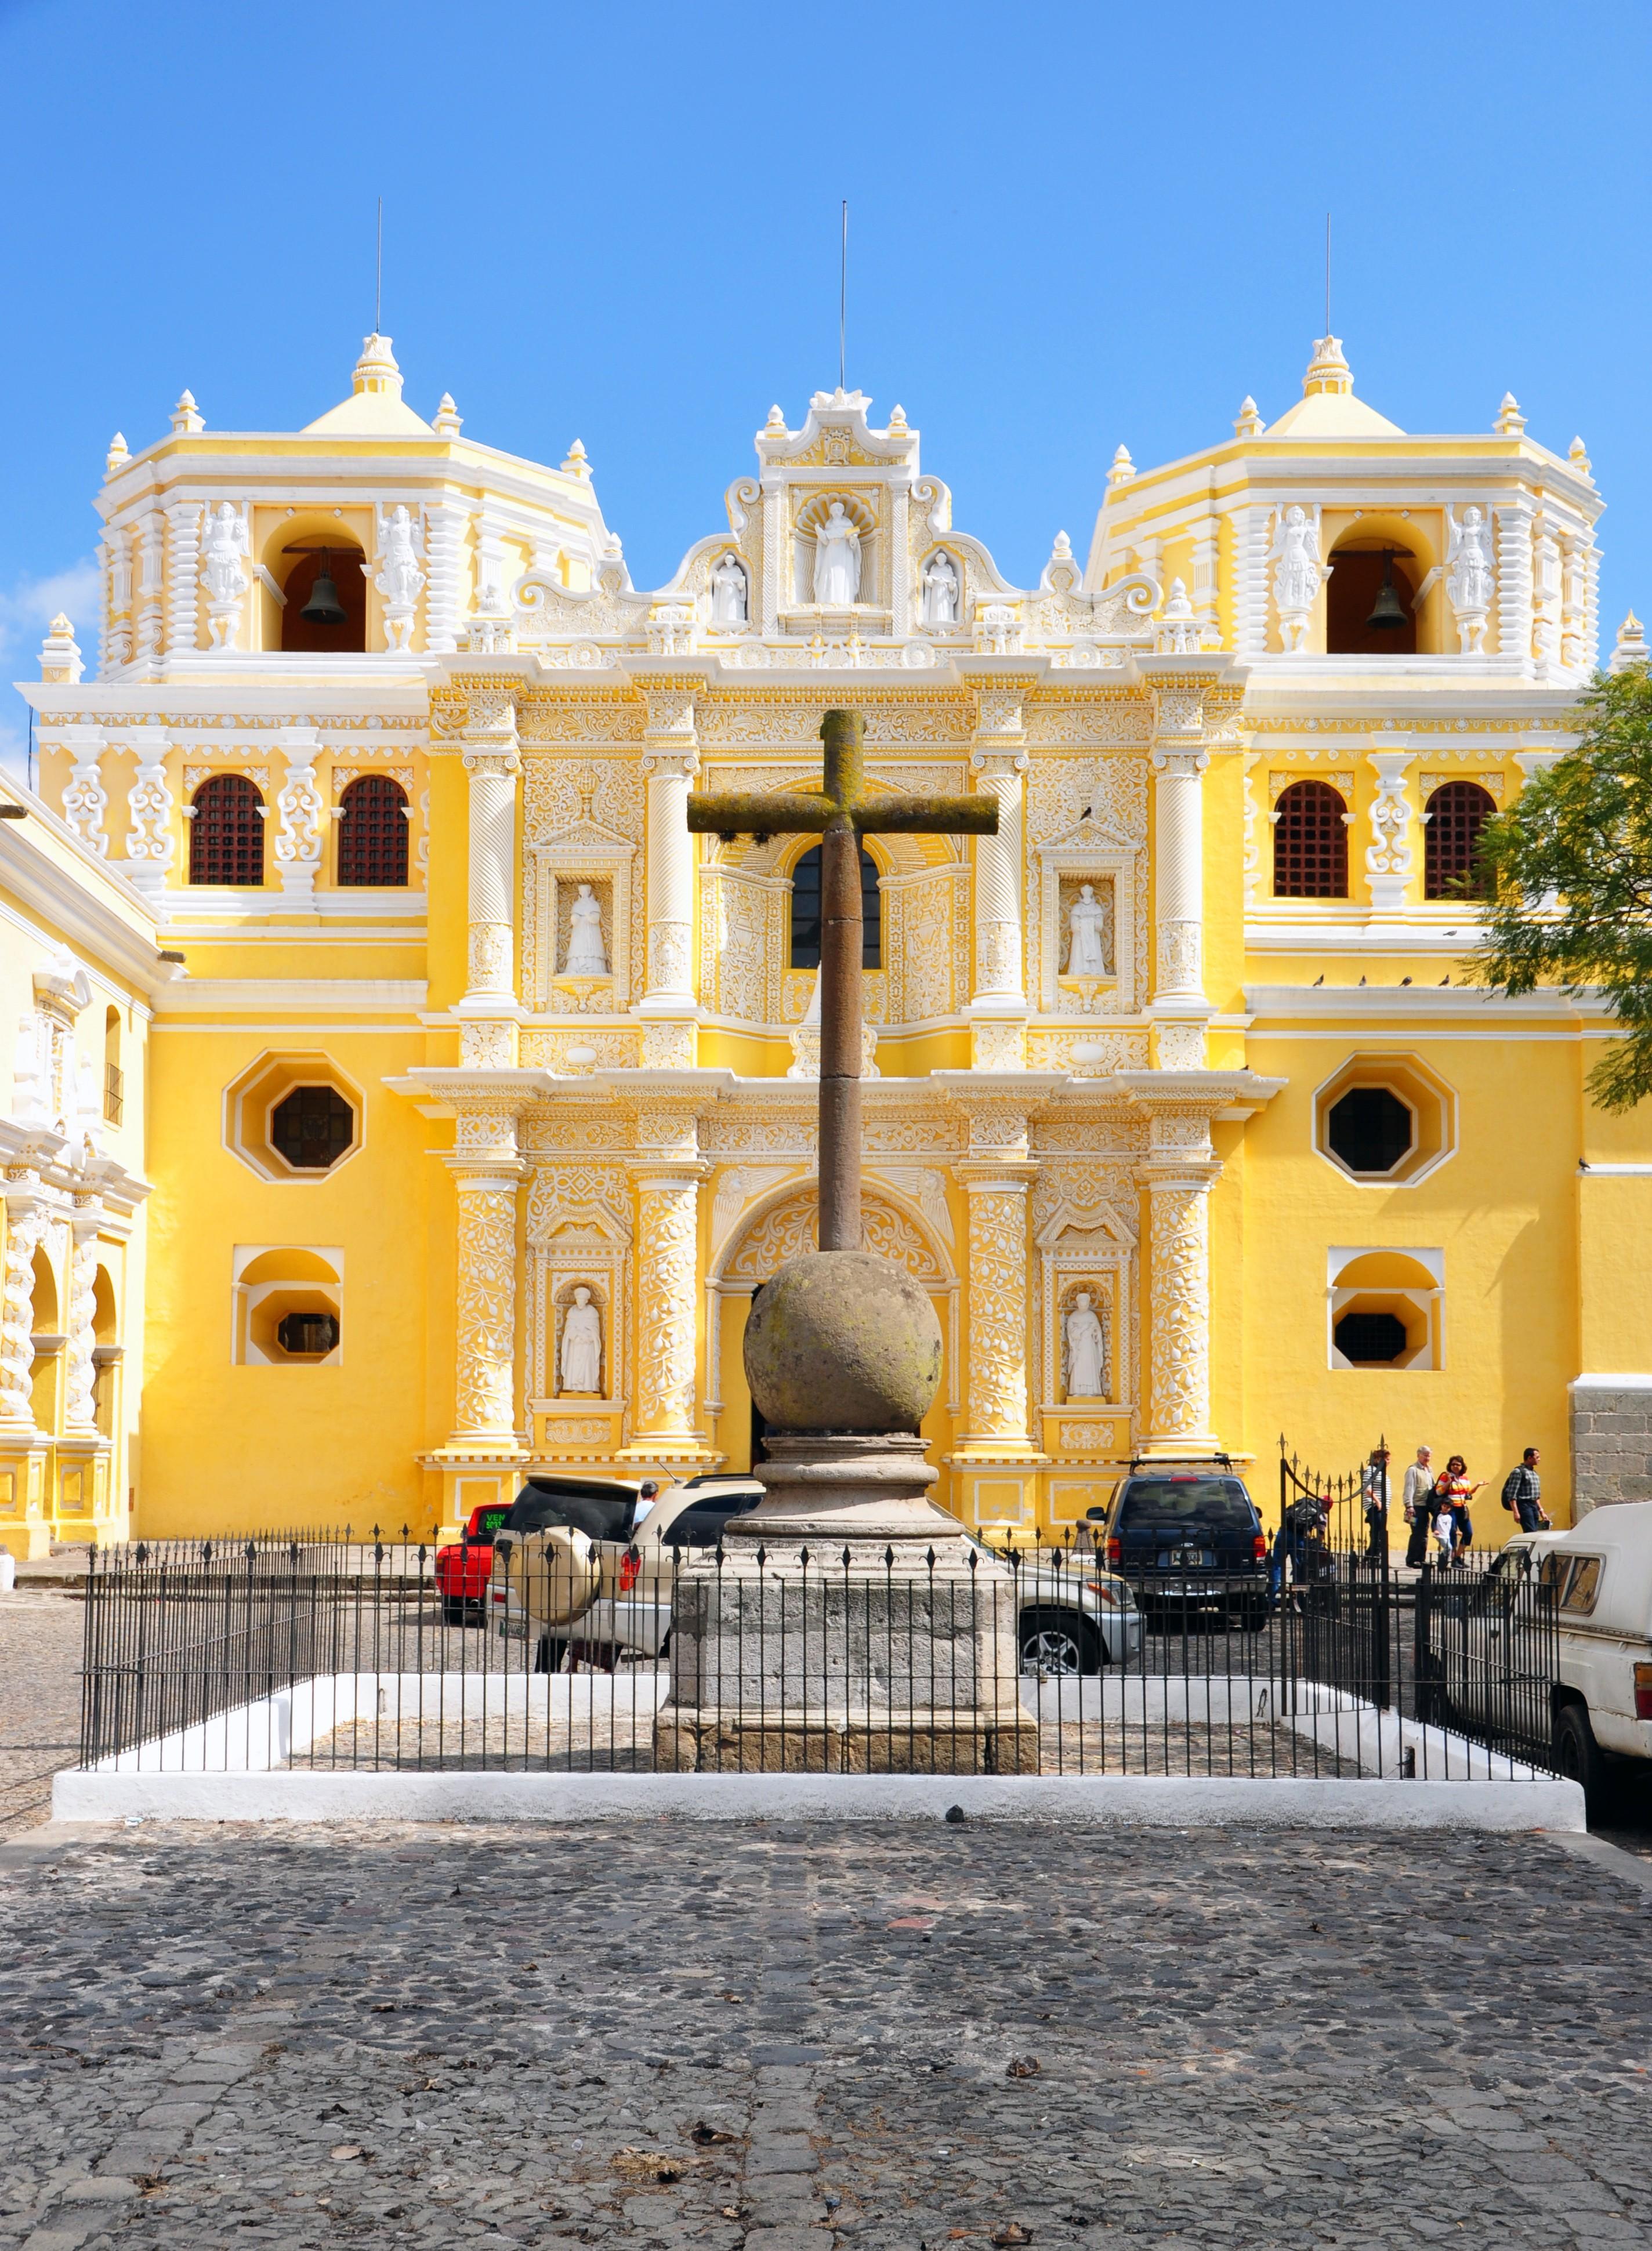 【グアテマラ】古都アンティグアのおすすめ観光スポット&街歩きガイド!